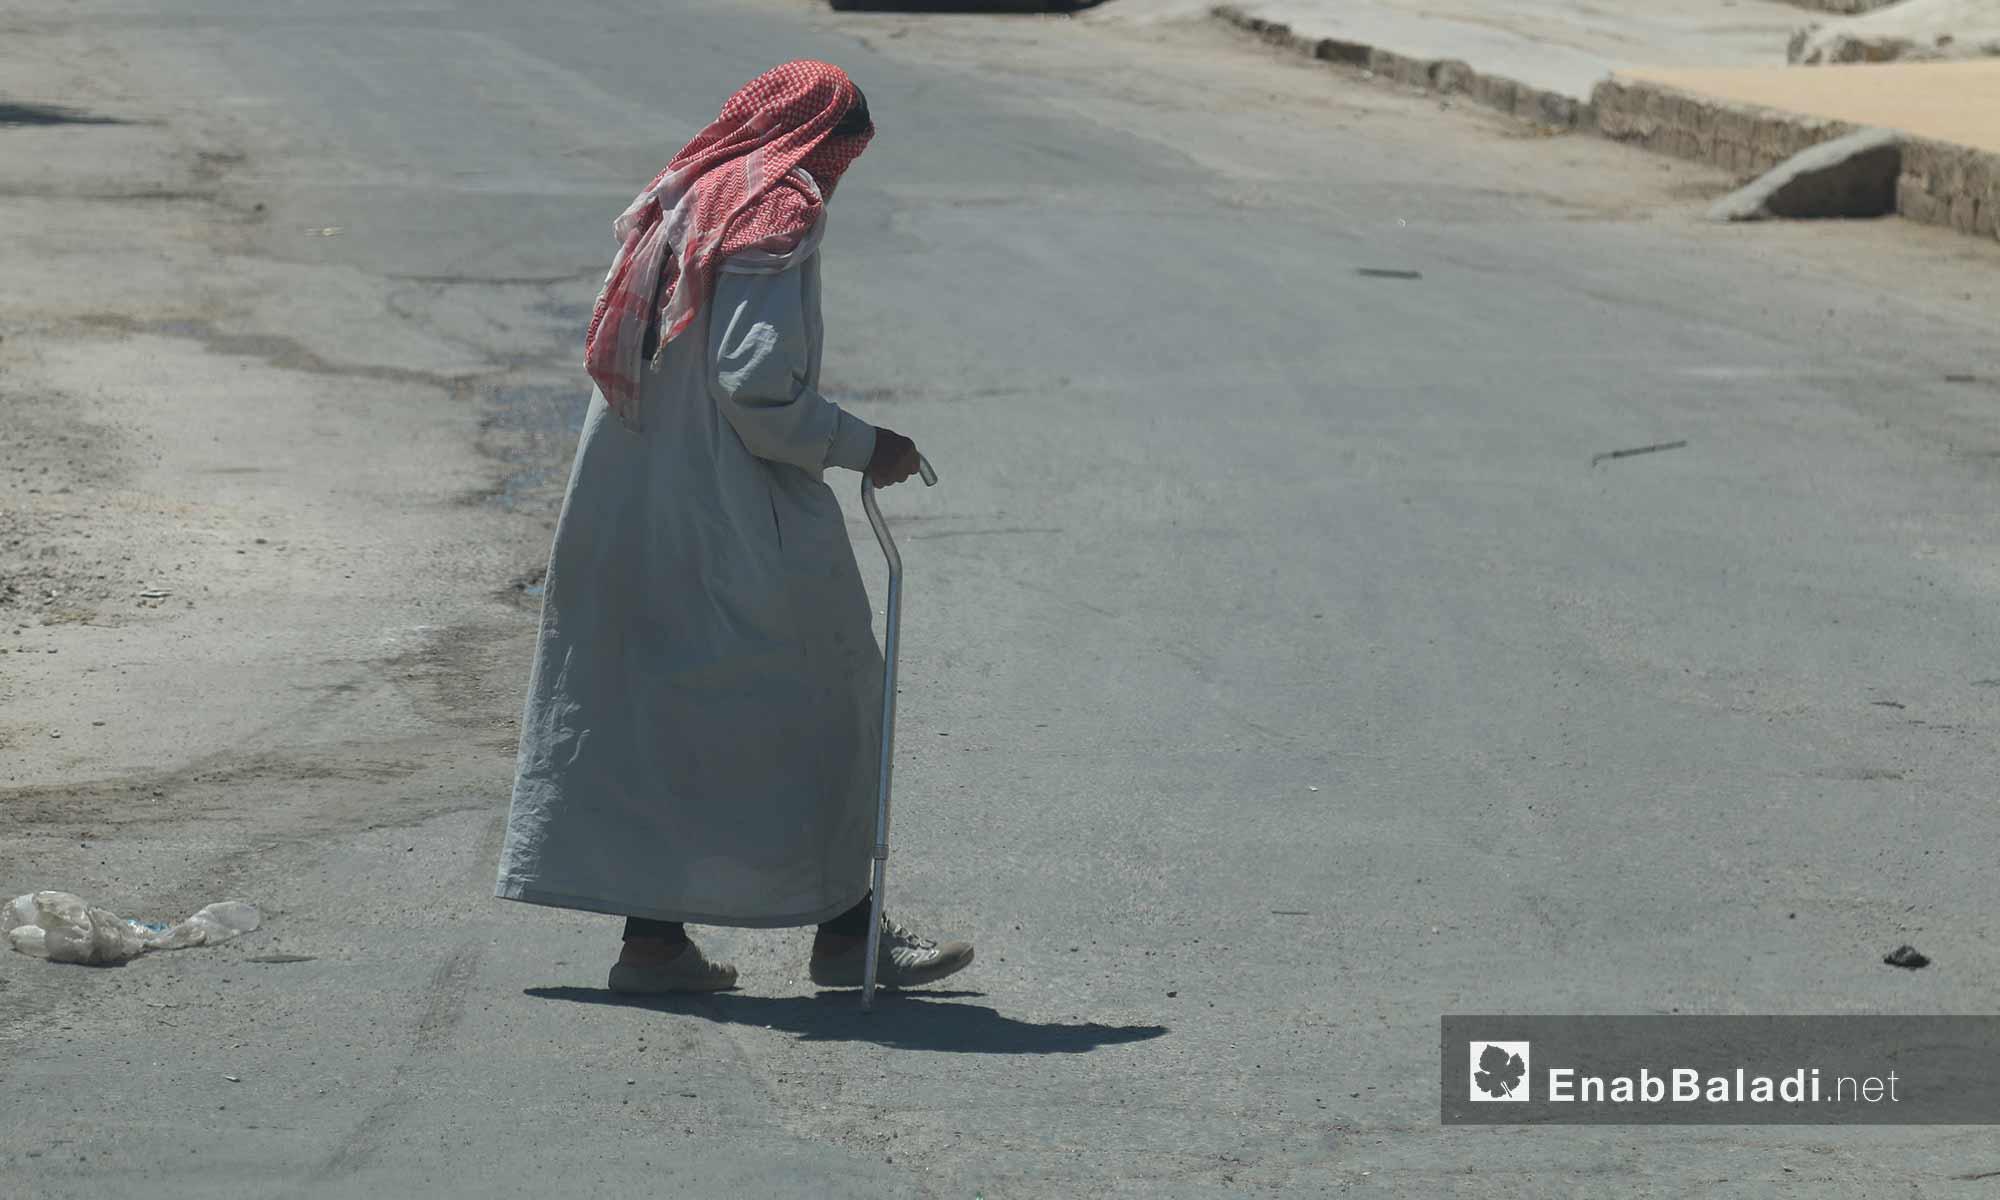 مسن يقطع الشارع في مدينة الأتارب بحلب - 3 آب 2017 (عنب بلدي)